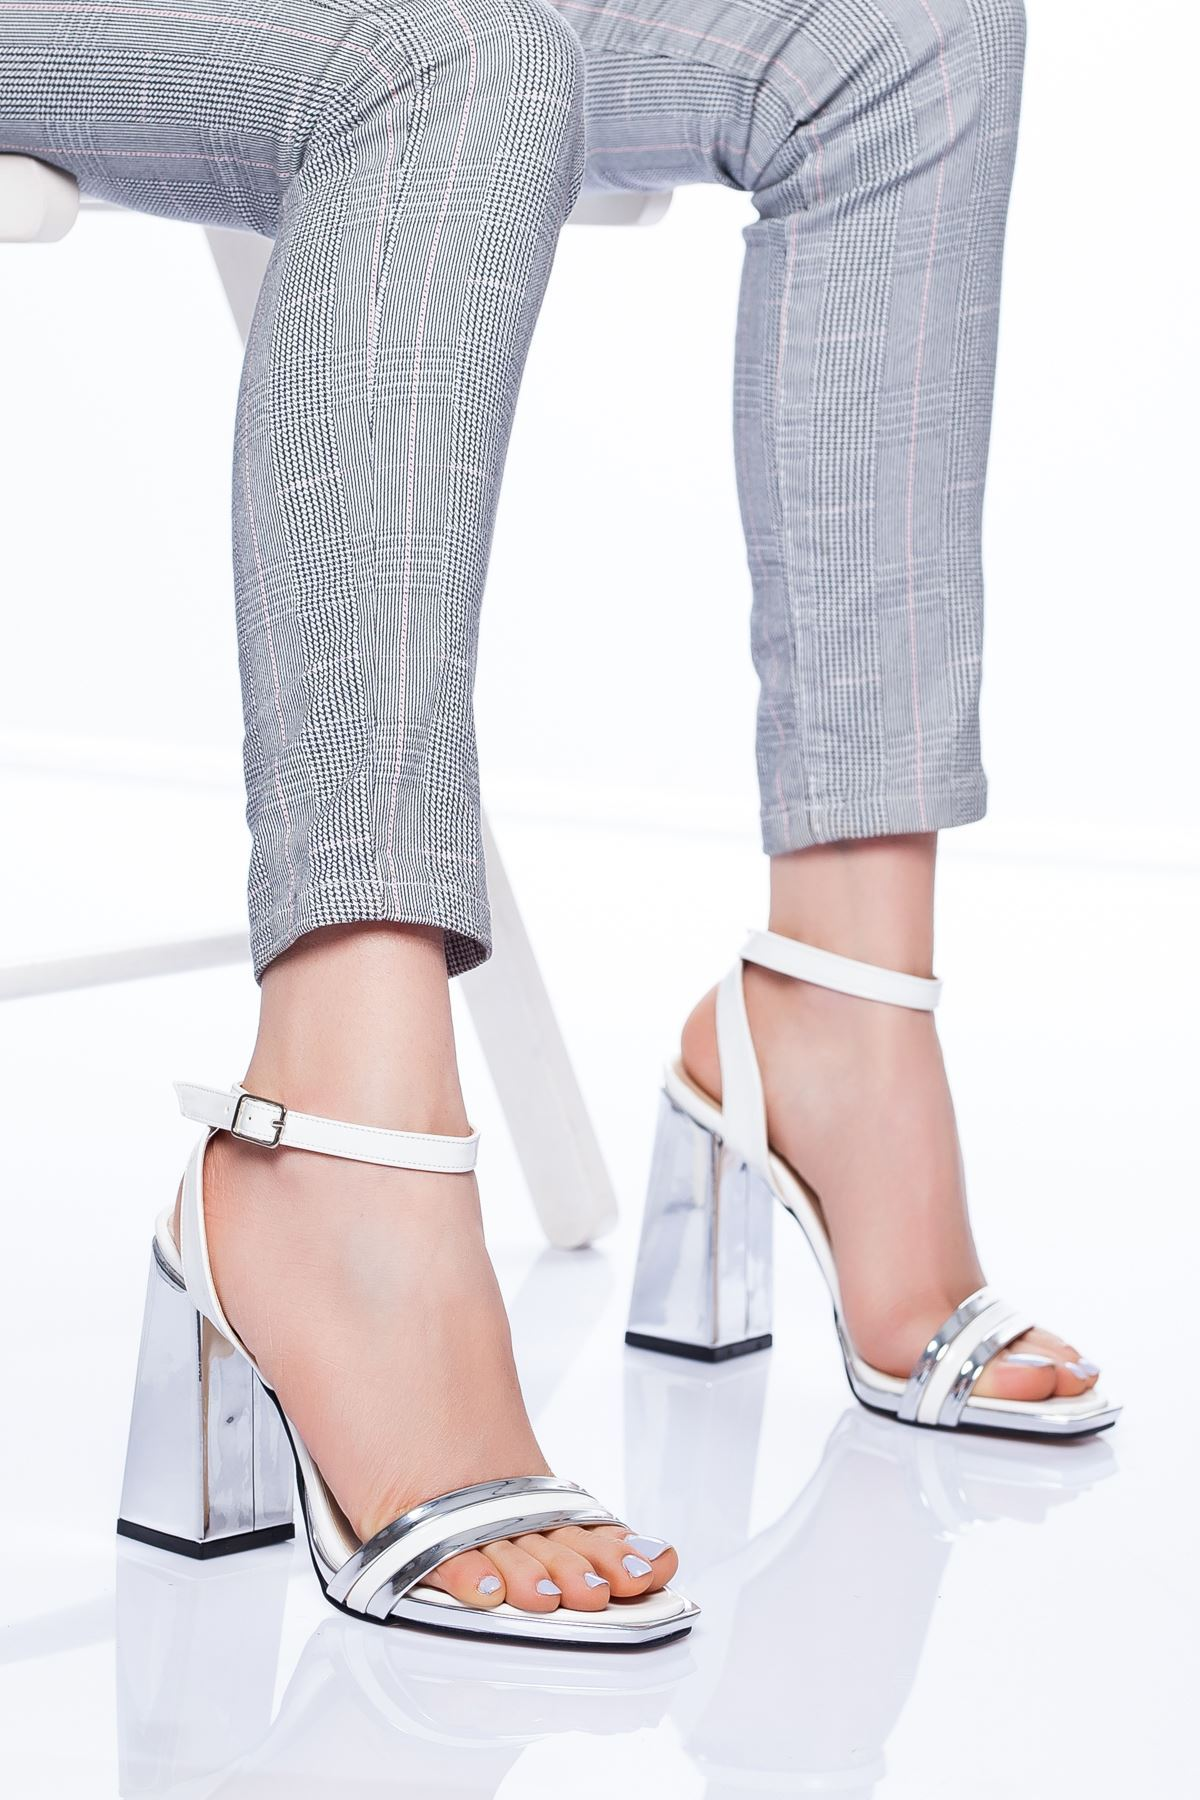 Paris Topuklu Ayakkabı BEYAZ-GÜMÜŞ